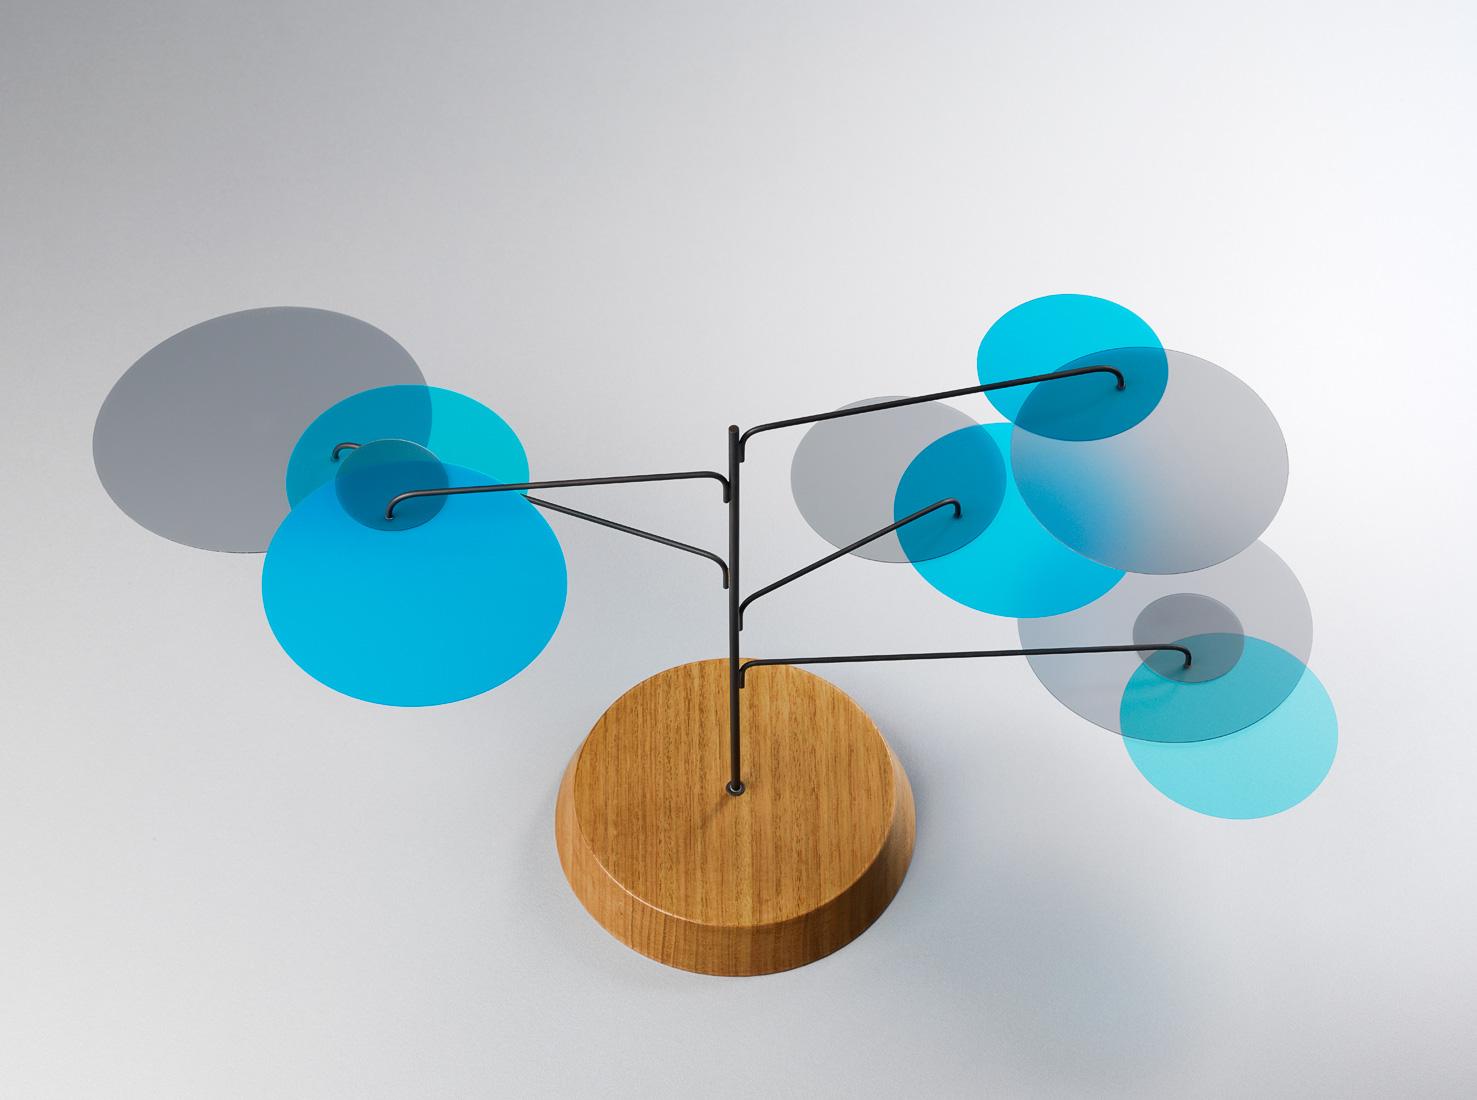 Filtered model